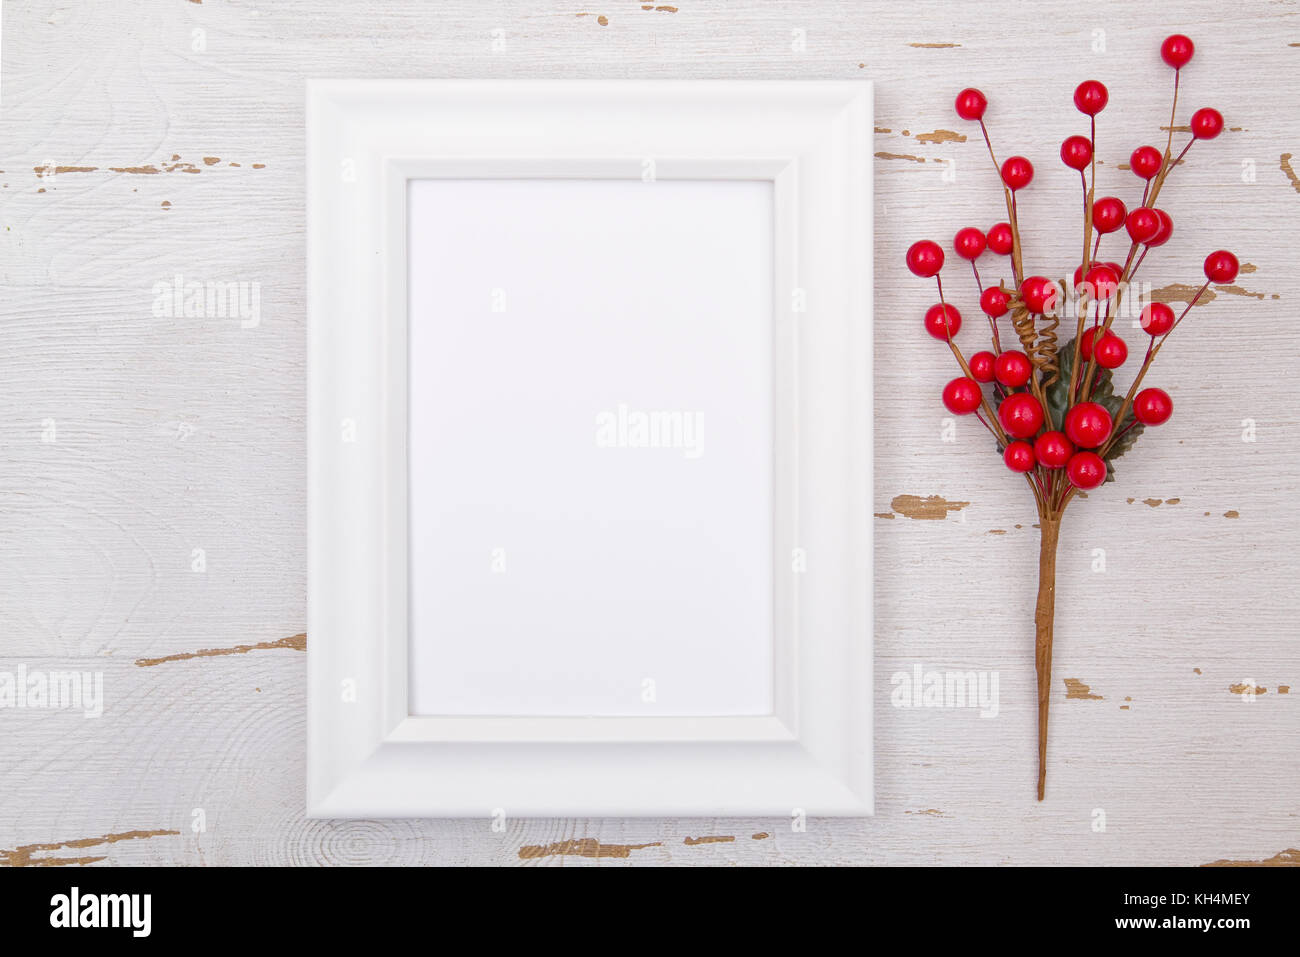 Ausgezeichnet Bilderrahmen Fotokabine Galerie - Benutzerdefinierte ...